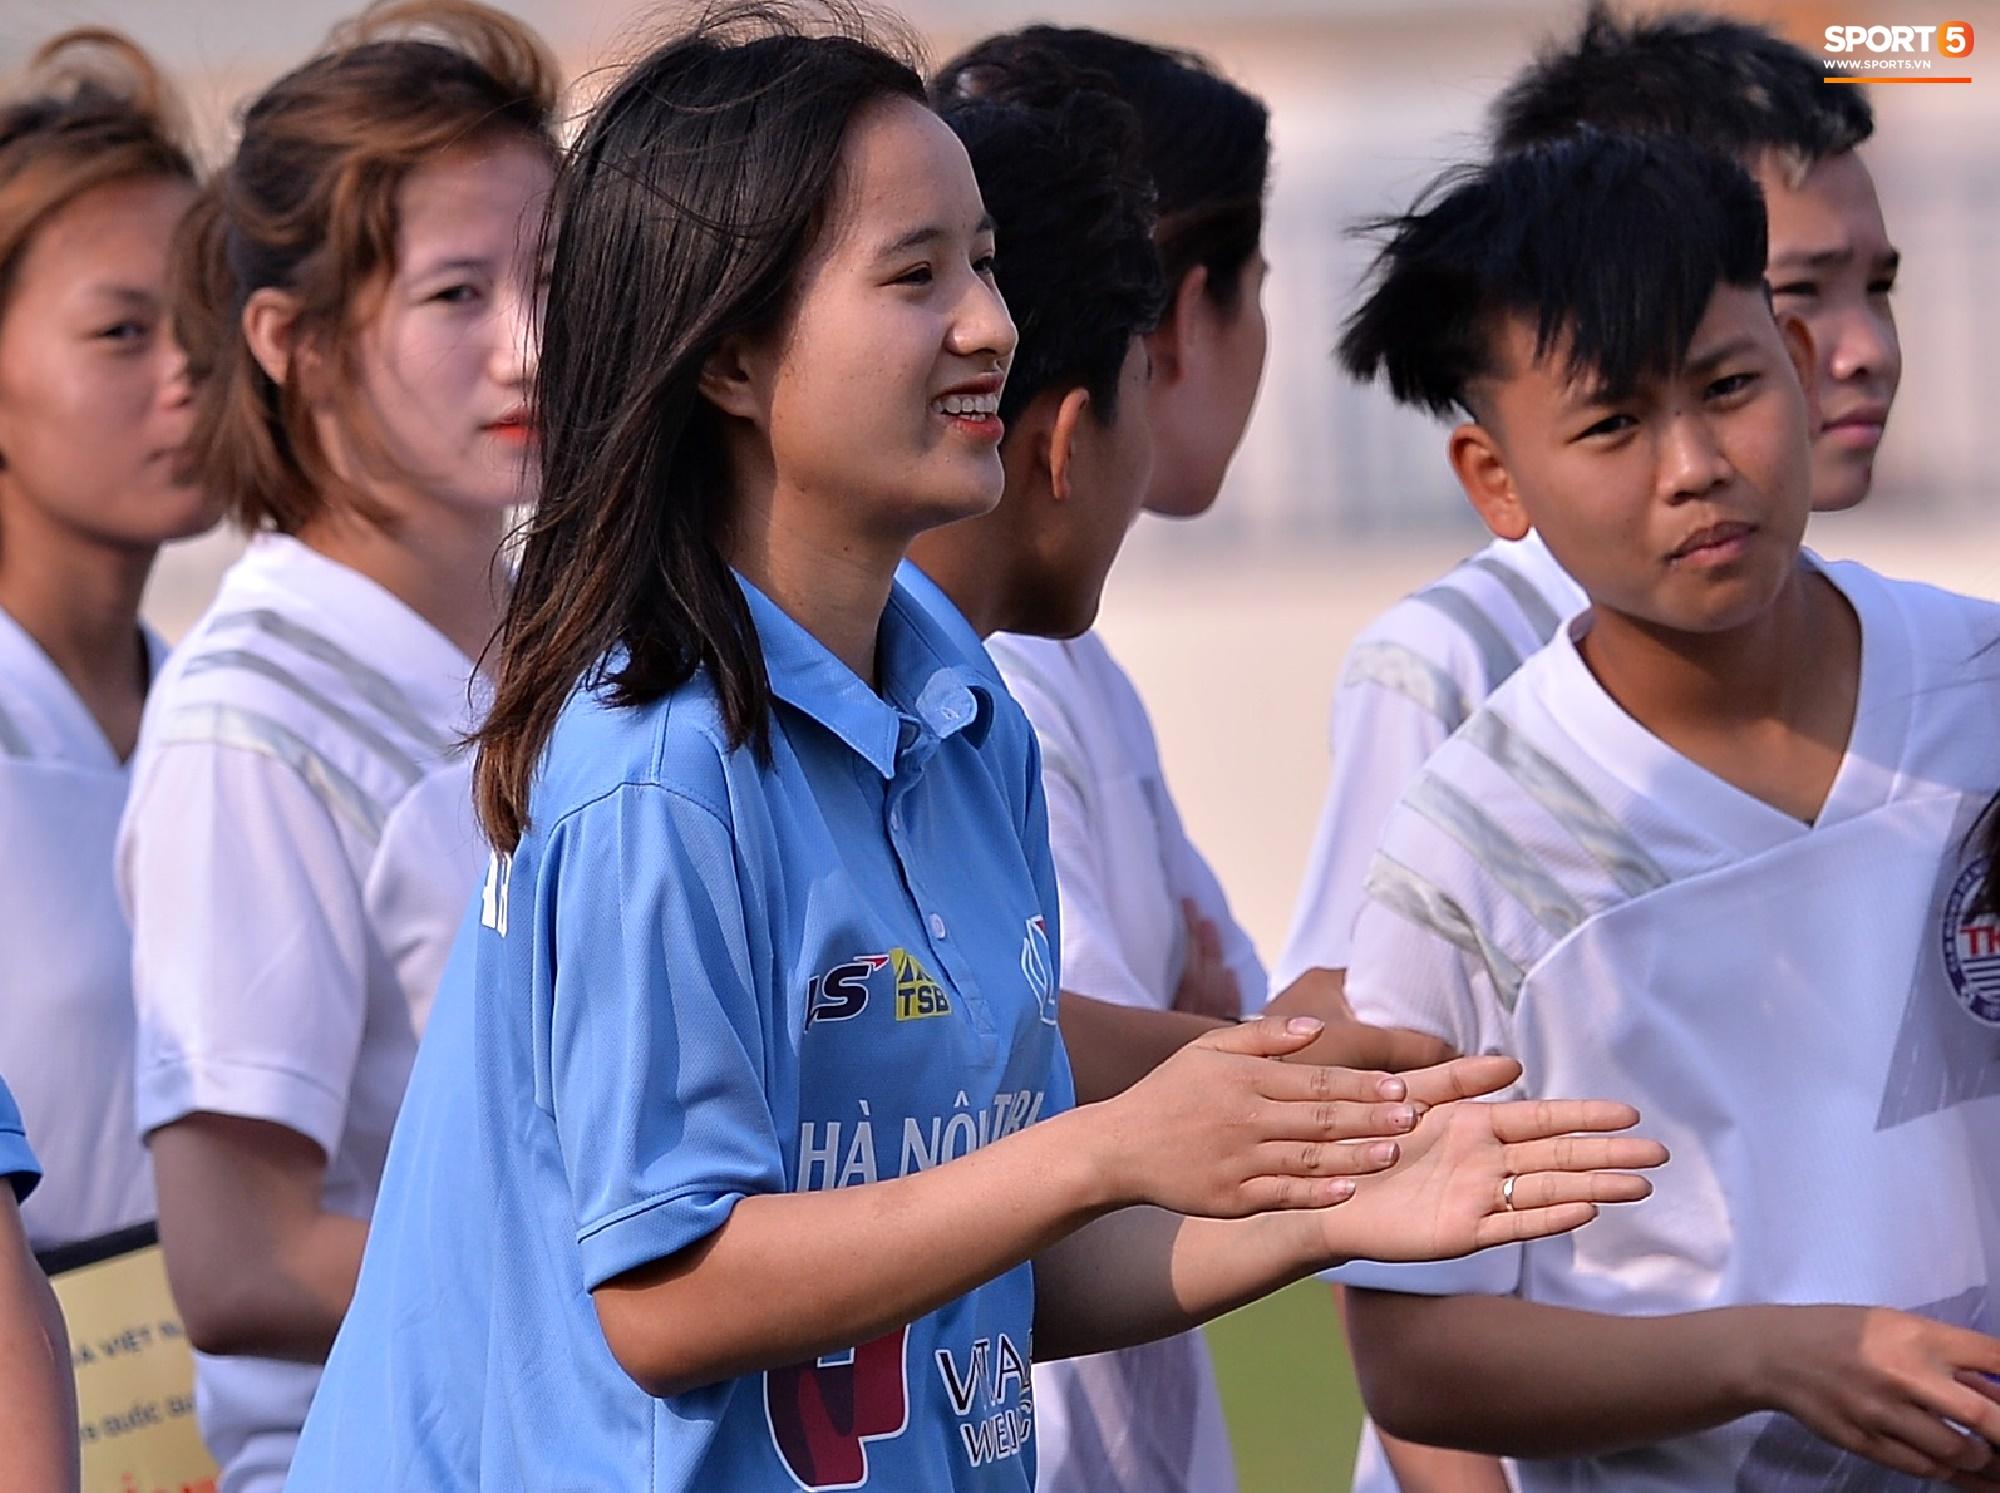 Dàn gái xinh rạng rỡ, đáng yêu trong ngày bế mạc giải bóng đá Nữ Vô địch U19 Quốc gia 2021 - ảnh 15